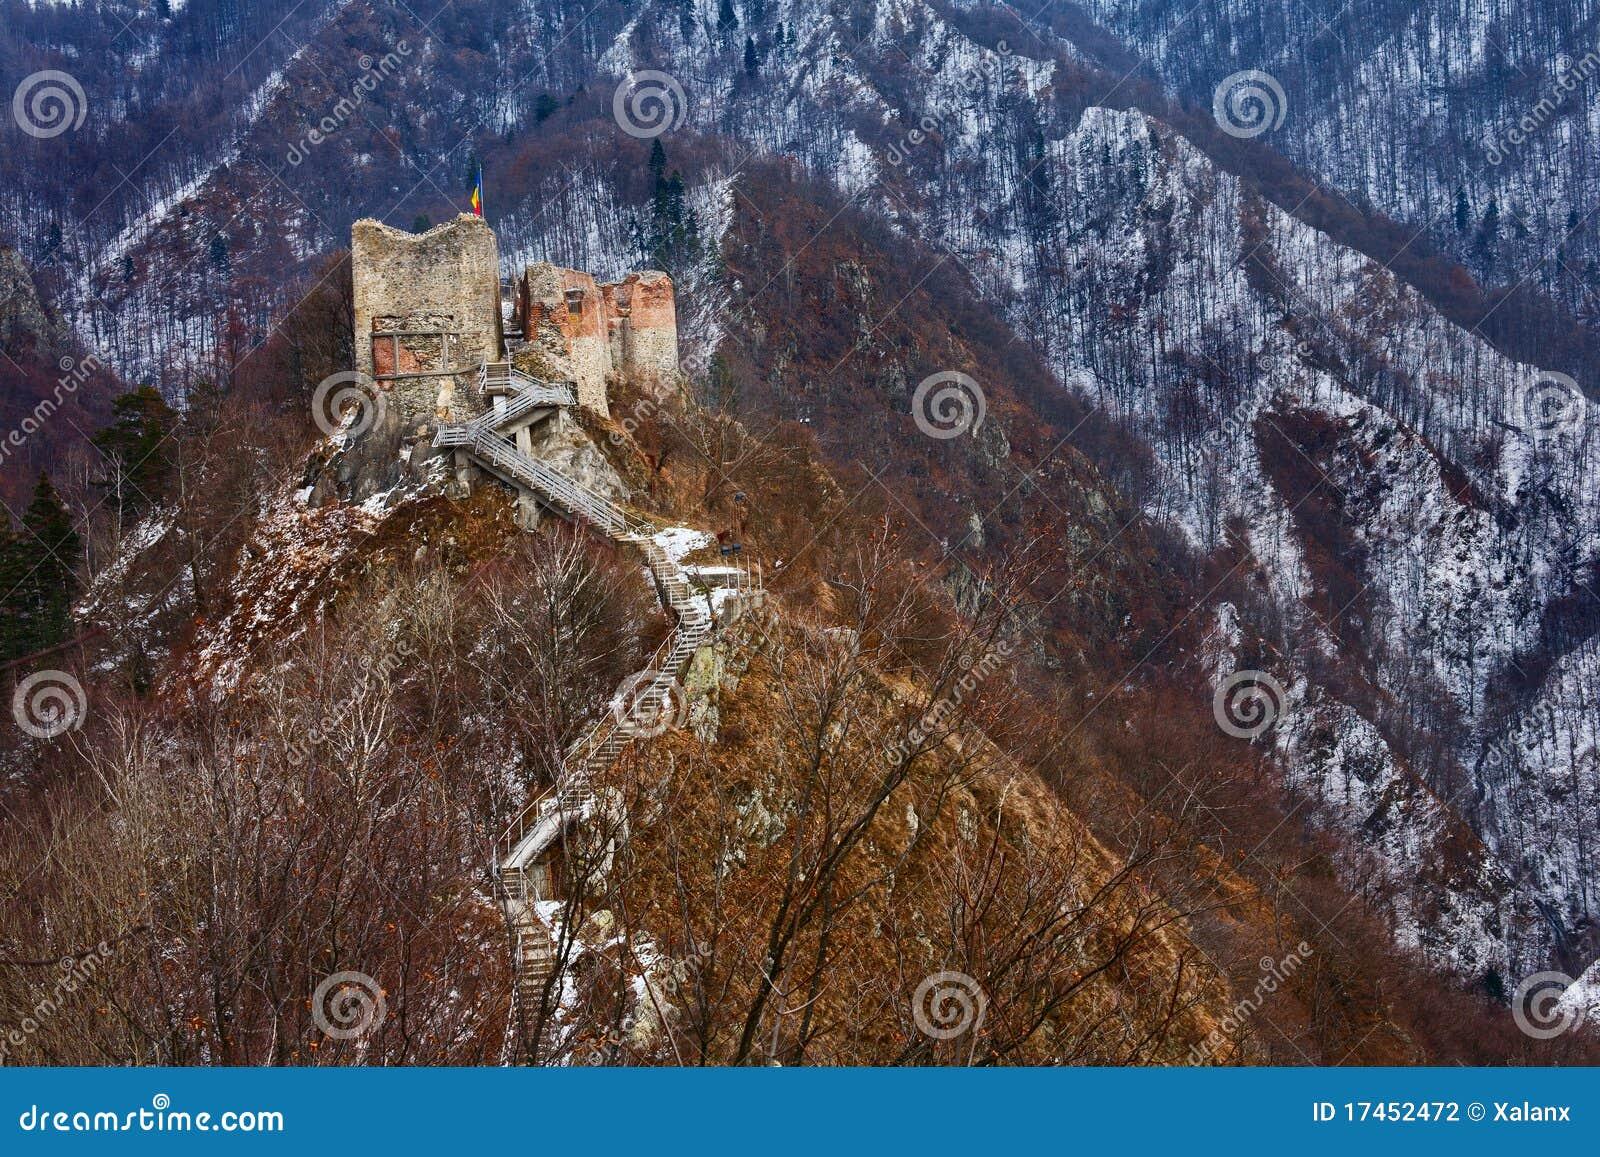 Dracula s fortress at Poienari,